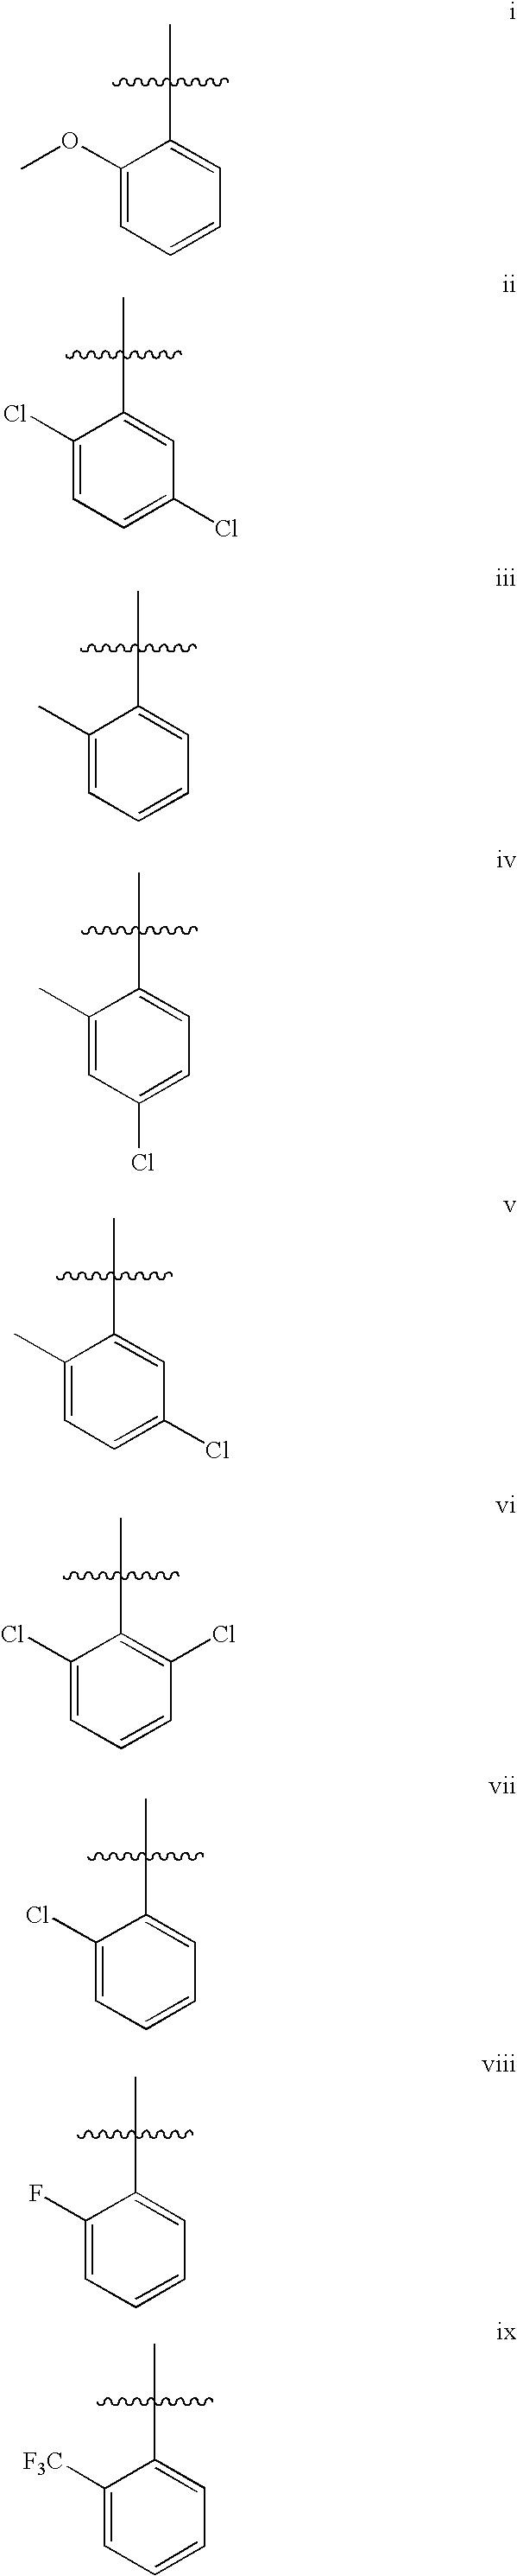 Figure US07396857-20080708-C00020